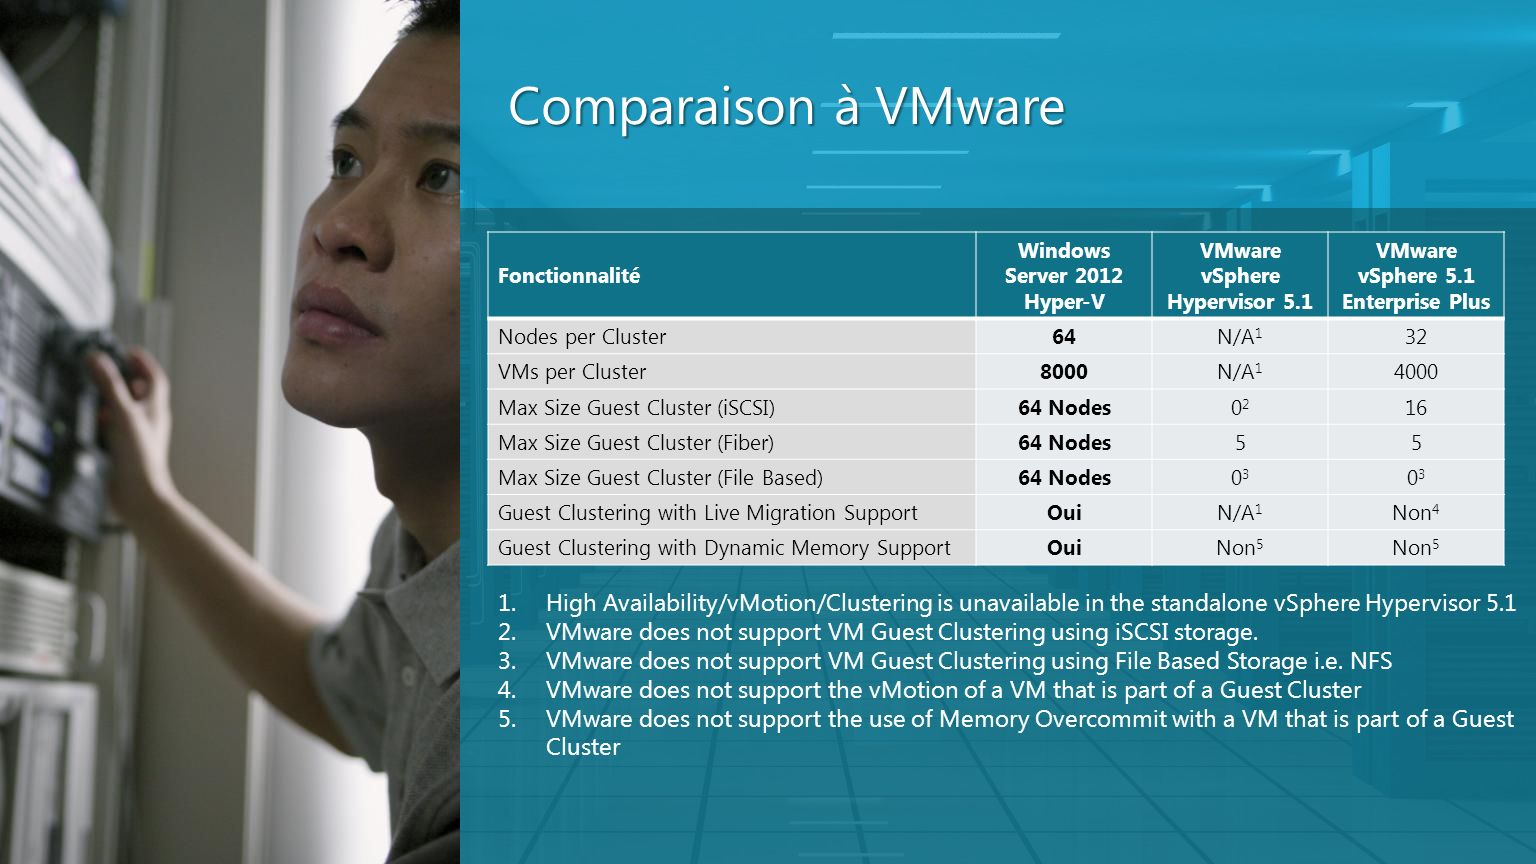 Comparaison à VMwareFonctionnalité. Windows Server 2012 Hyper-V. VMware vSphere Hypervisor 5.1. VMware vSphere 5.1 Enterprise Plus.